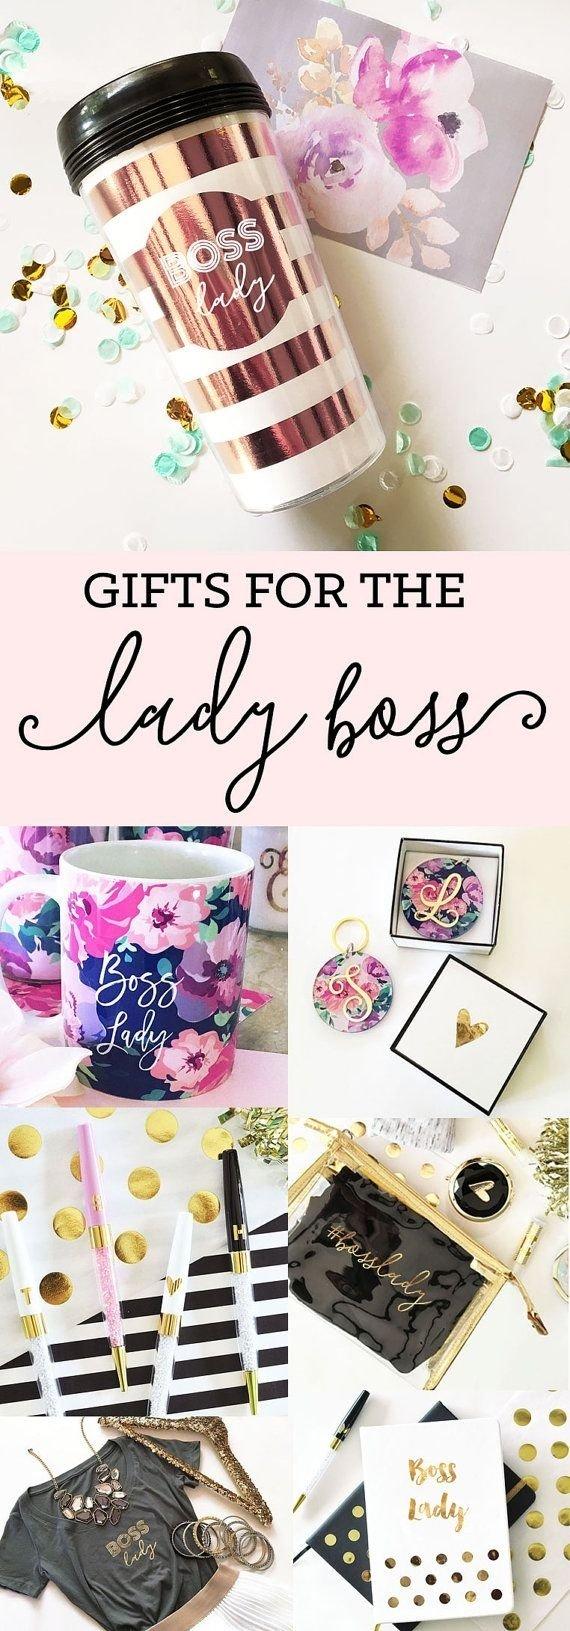 10 Stylish Gift Ideas For Female Boss boss lady travel mug boss lady coffee mug gift for boss gift boss 1 2021